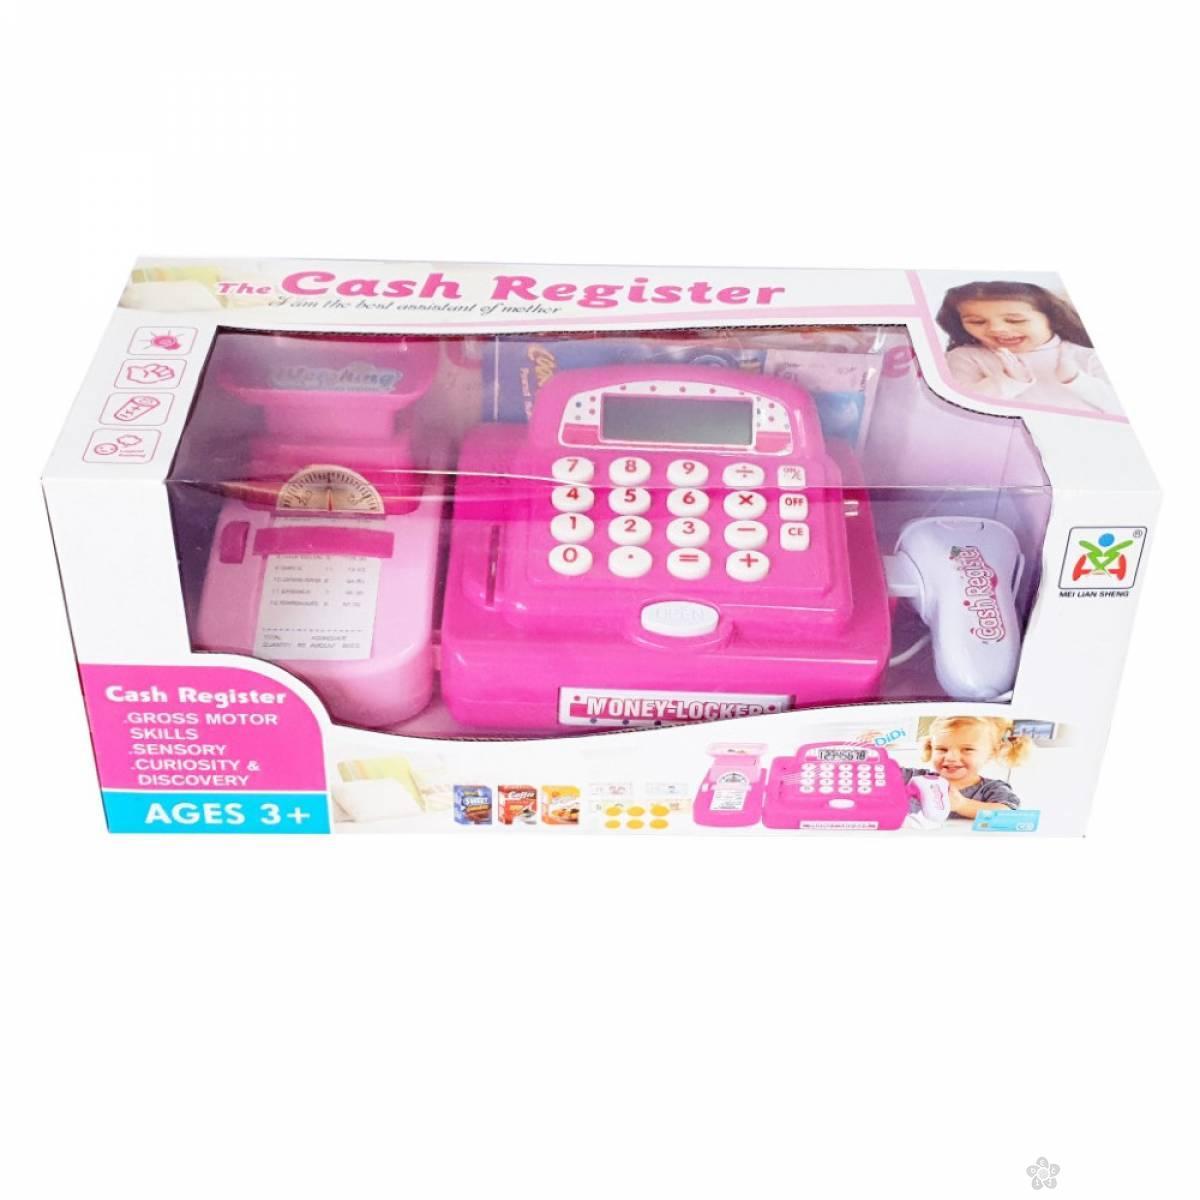 Registar kasa 360451